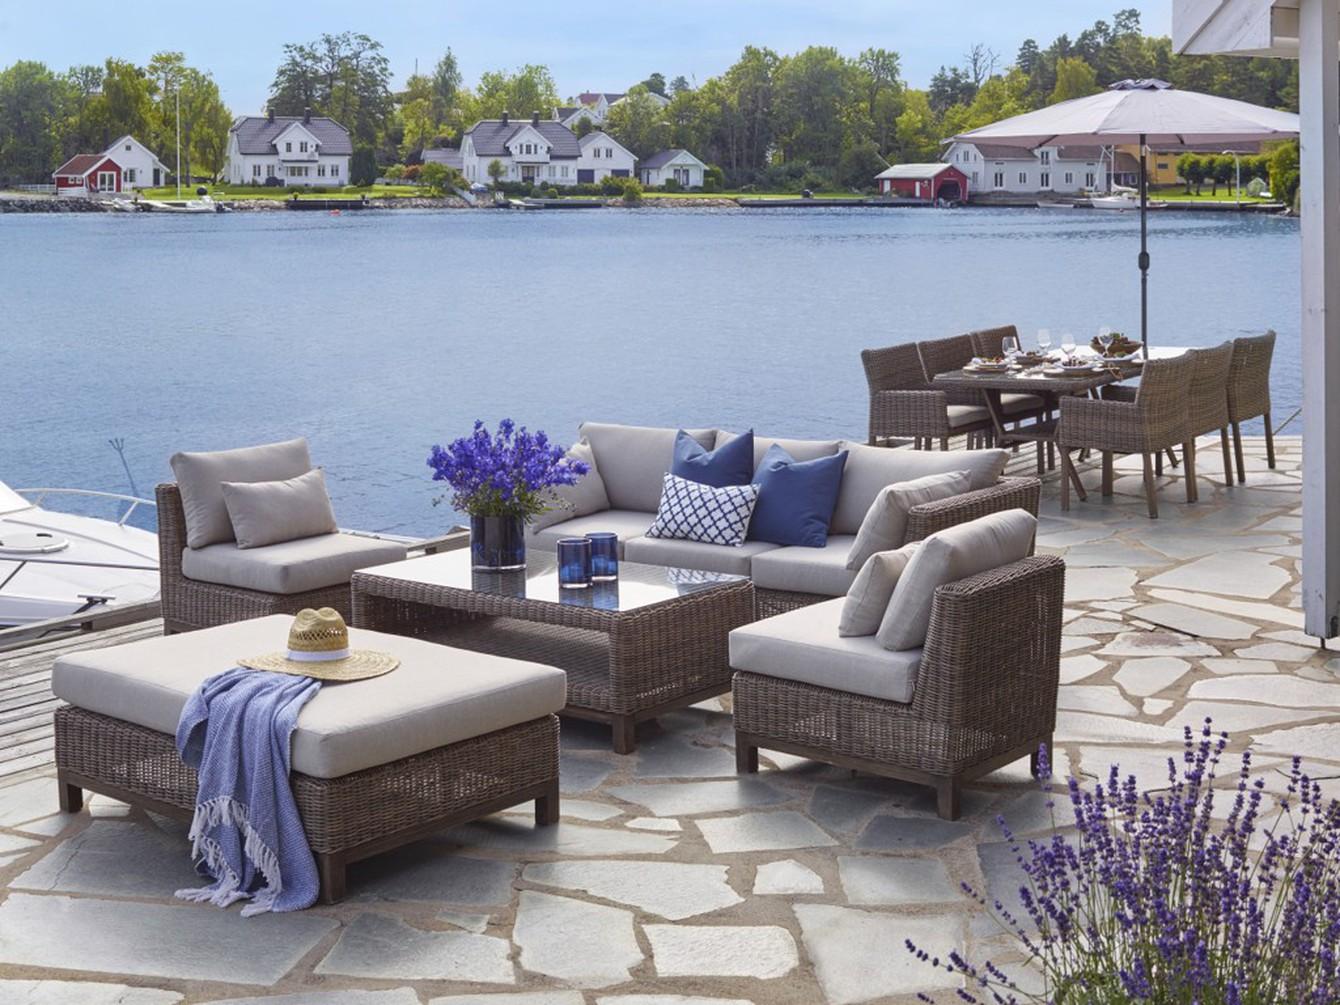 SOMMERIDYLL: Er det noe vi fortjener, så er det å nyte sommeren. Med riktige hagemøbler kan familielivet flytte ut, hele sommeren. /Foto: BOHUS.